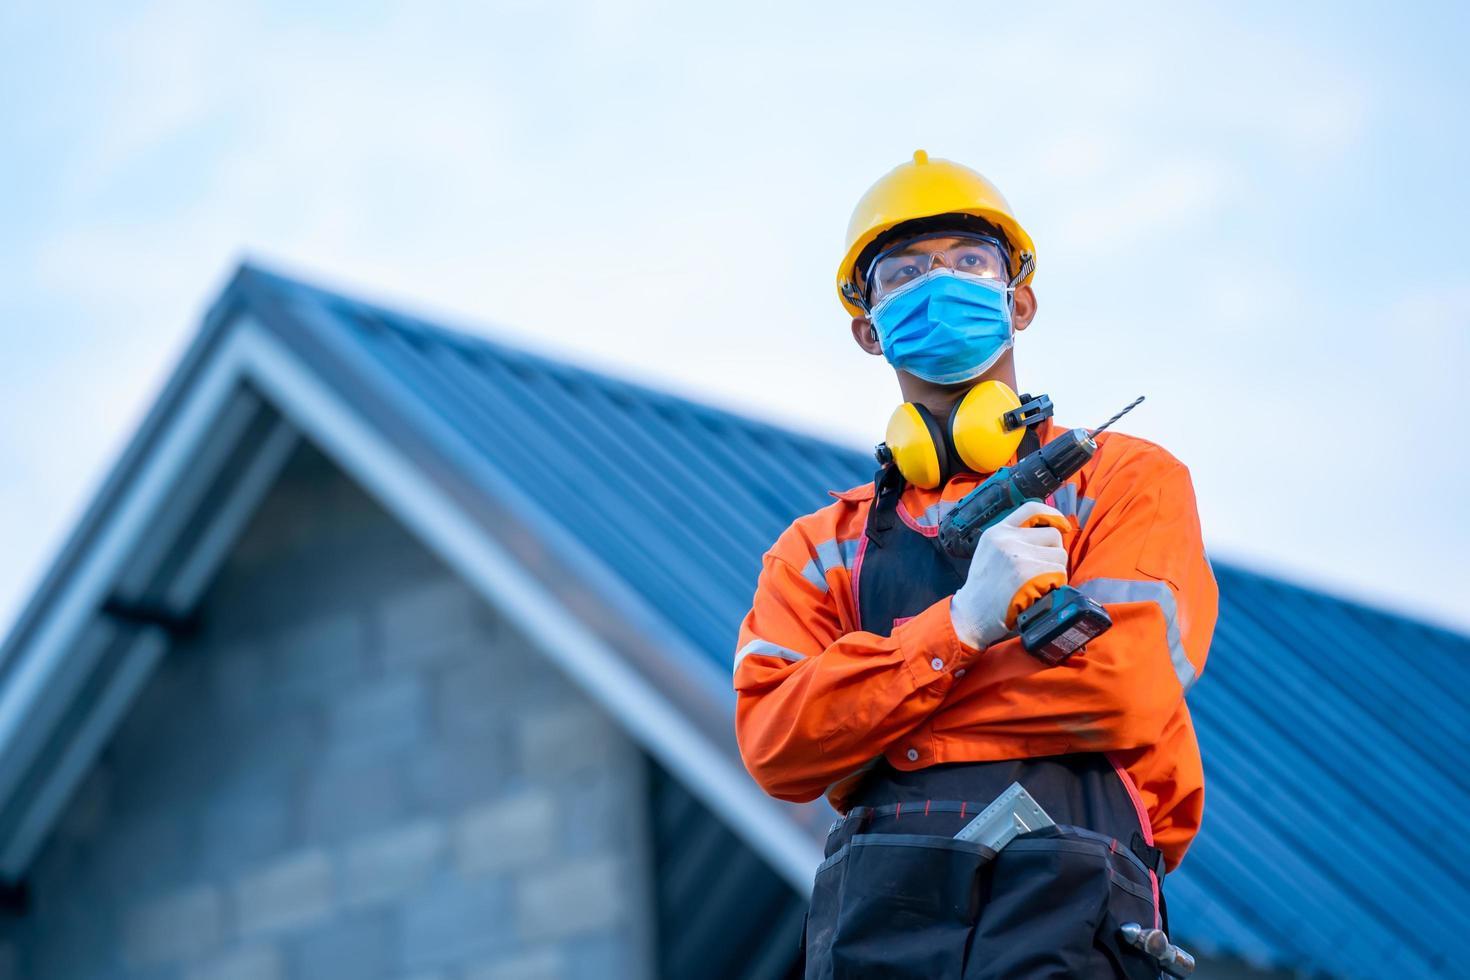 trabajador de la construcción posando con taladro eléctrico foto